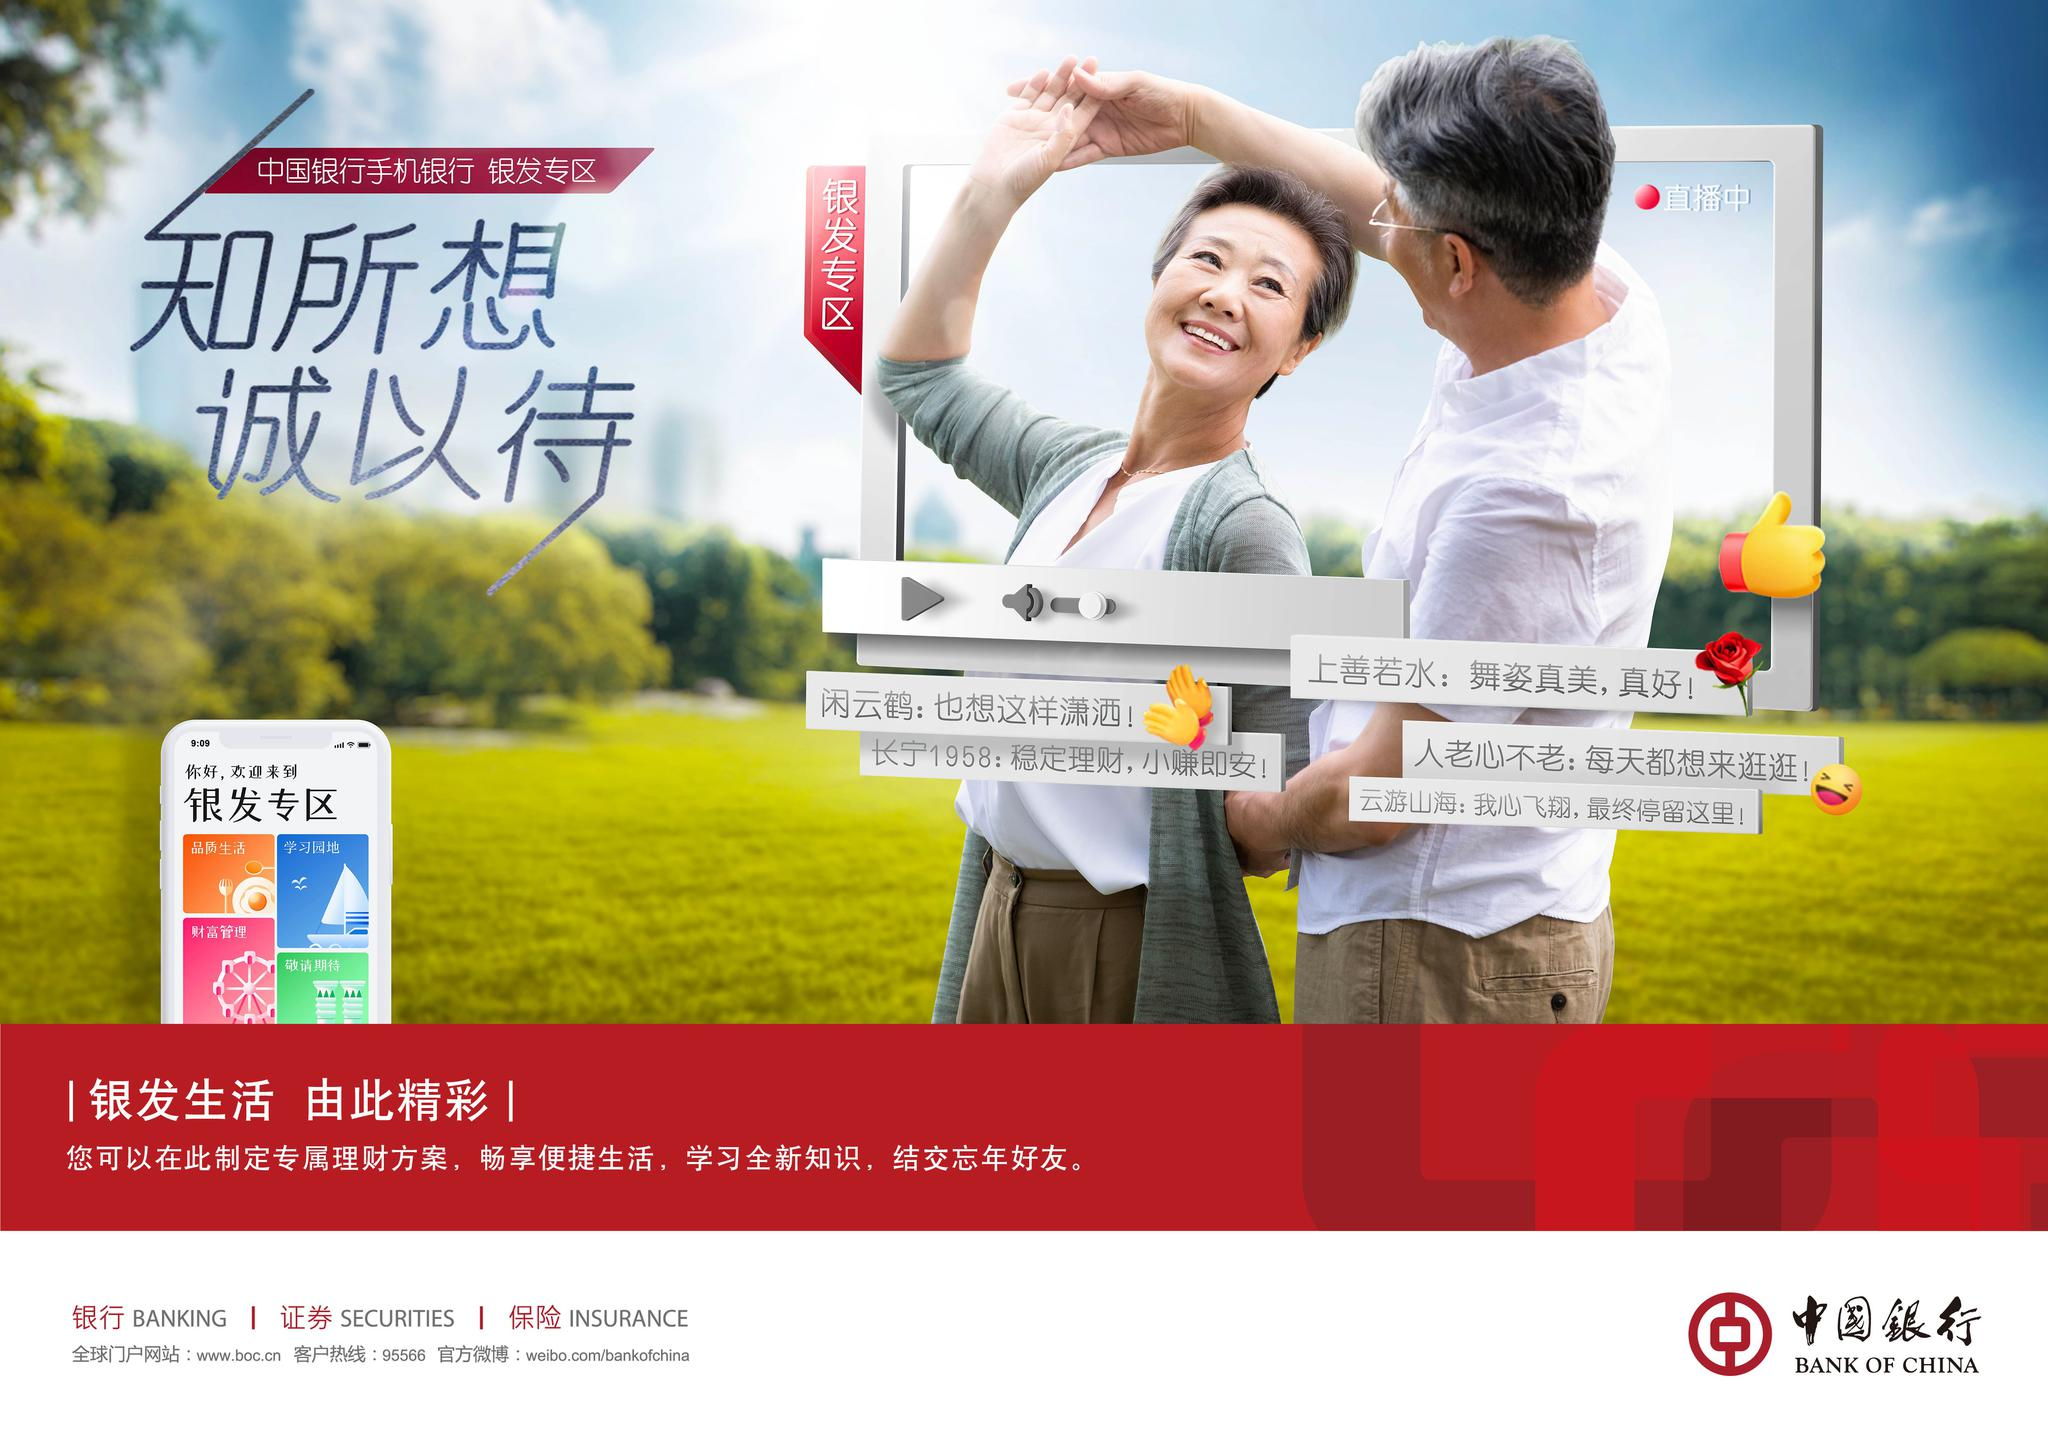 中国银行APP银发专区上线一周年,数字化养老见成效